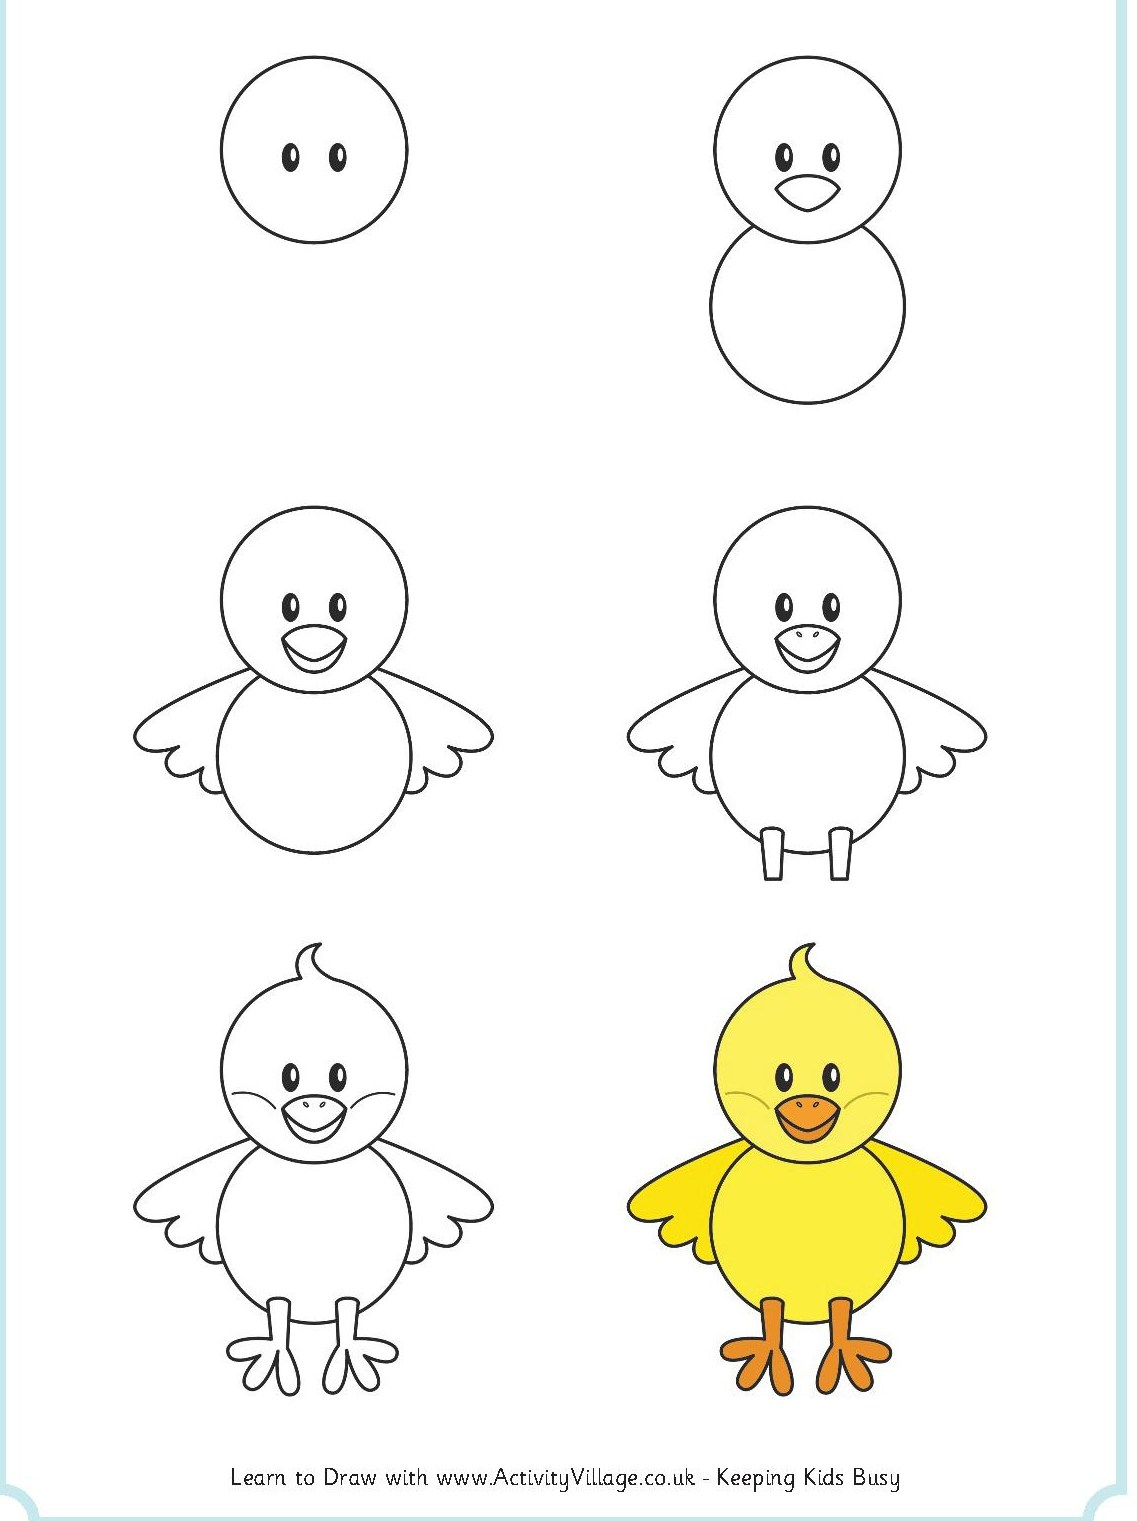 Apprendre À Dessiner - La Maternelle De Camille tout Apprendre A Dessiner Des Animaux Facilement Et Gratuitement